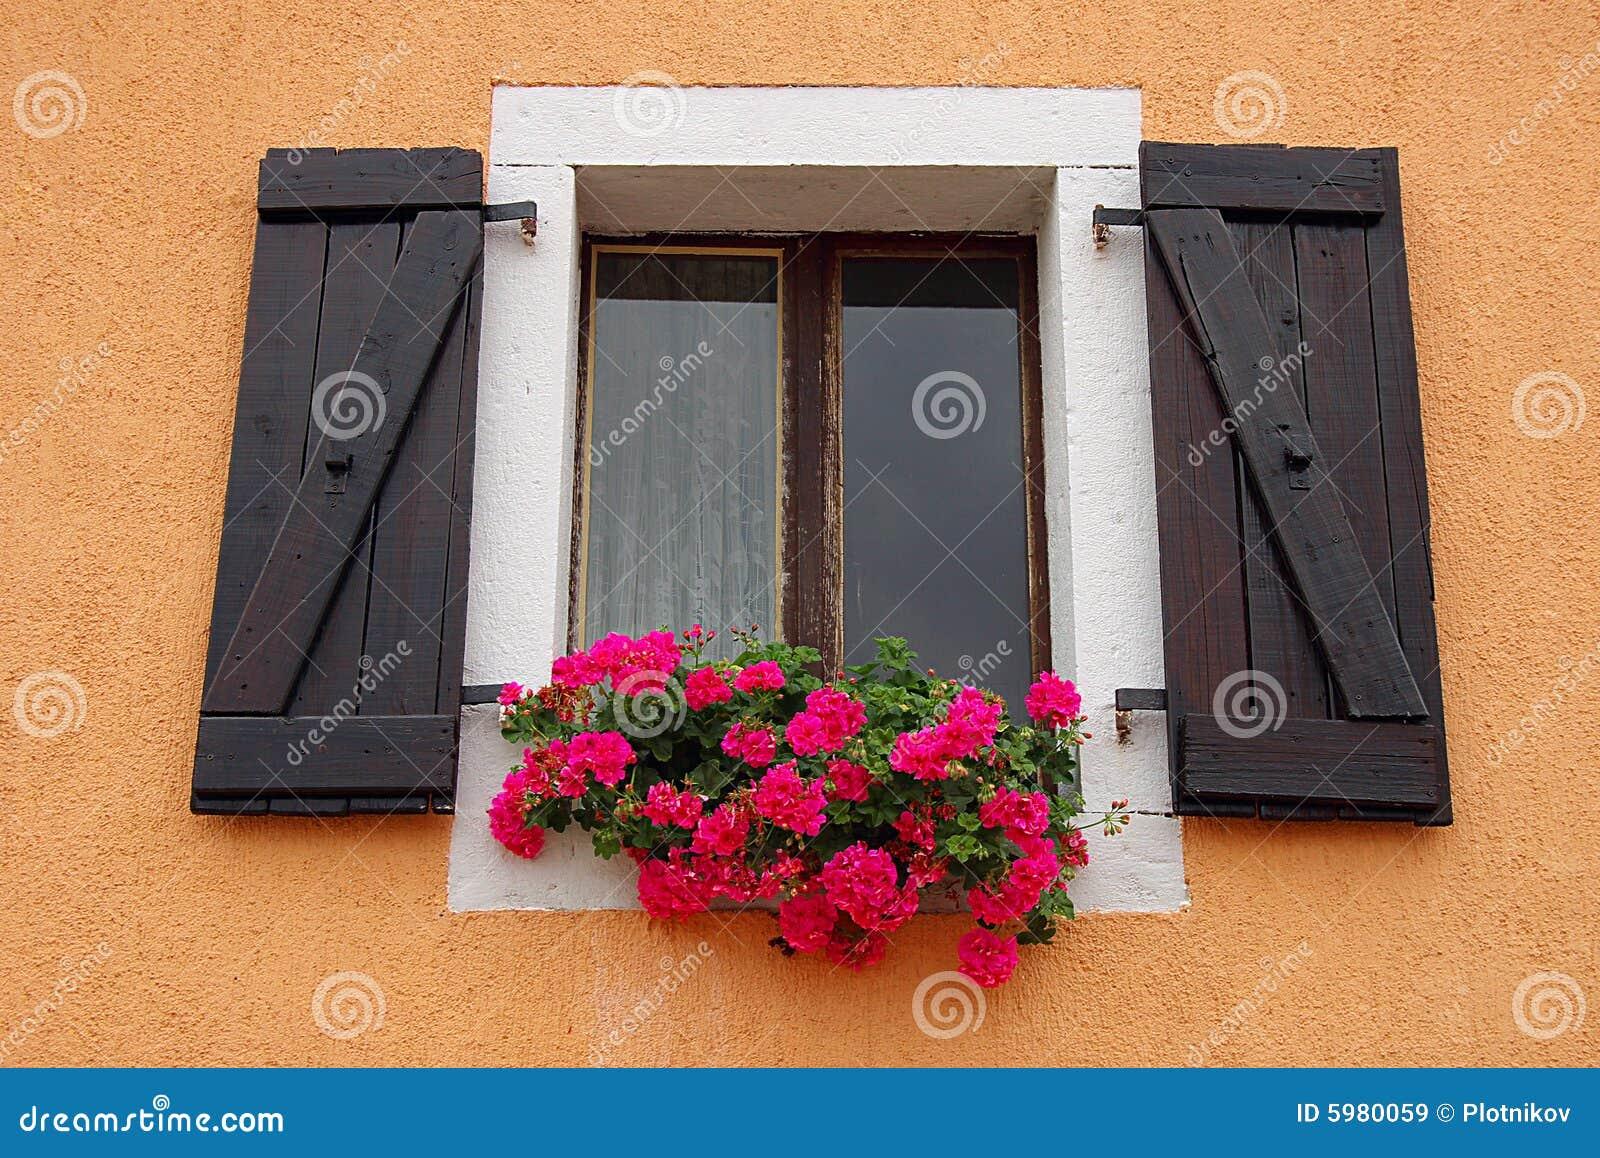 fenster mit farben auf einem fensterrahmen lizenzfreie stockbilder bild 5980059. Black Bedroom Furniture Sets. Home Design Ideas